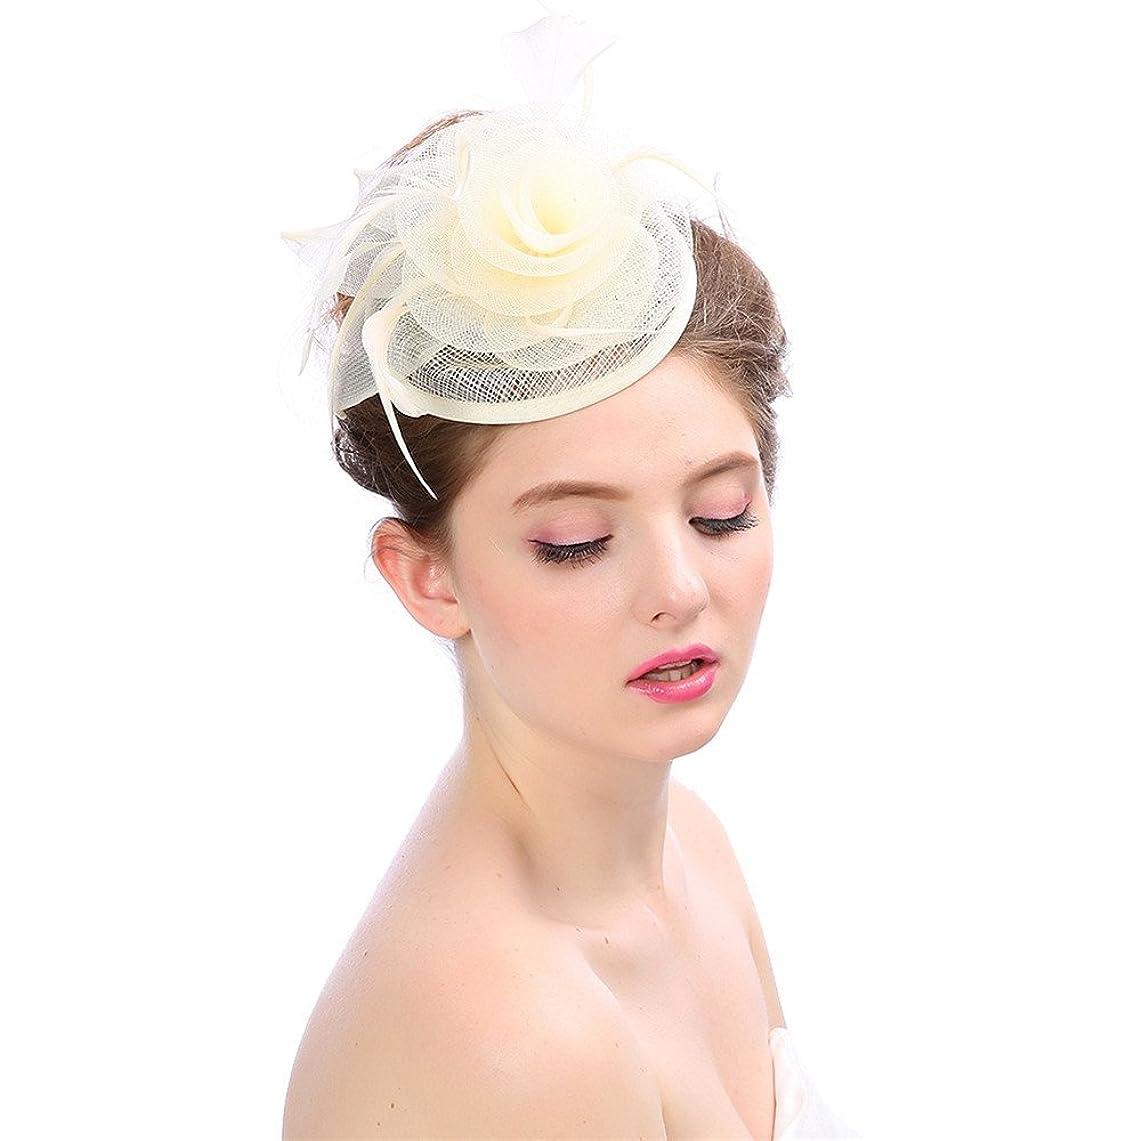 降臨カトリック教徒ブラウス女性の魅力的な帽子 女性のエレガントな魅惑的な帽子ブライダルフェザーヘアクリップアクセサリーカクテルロイヤルアスコット (色 : ベージュ)